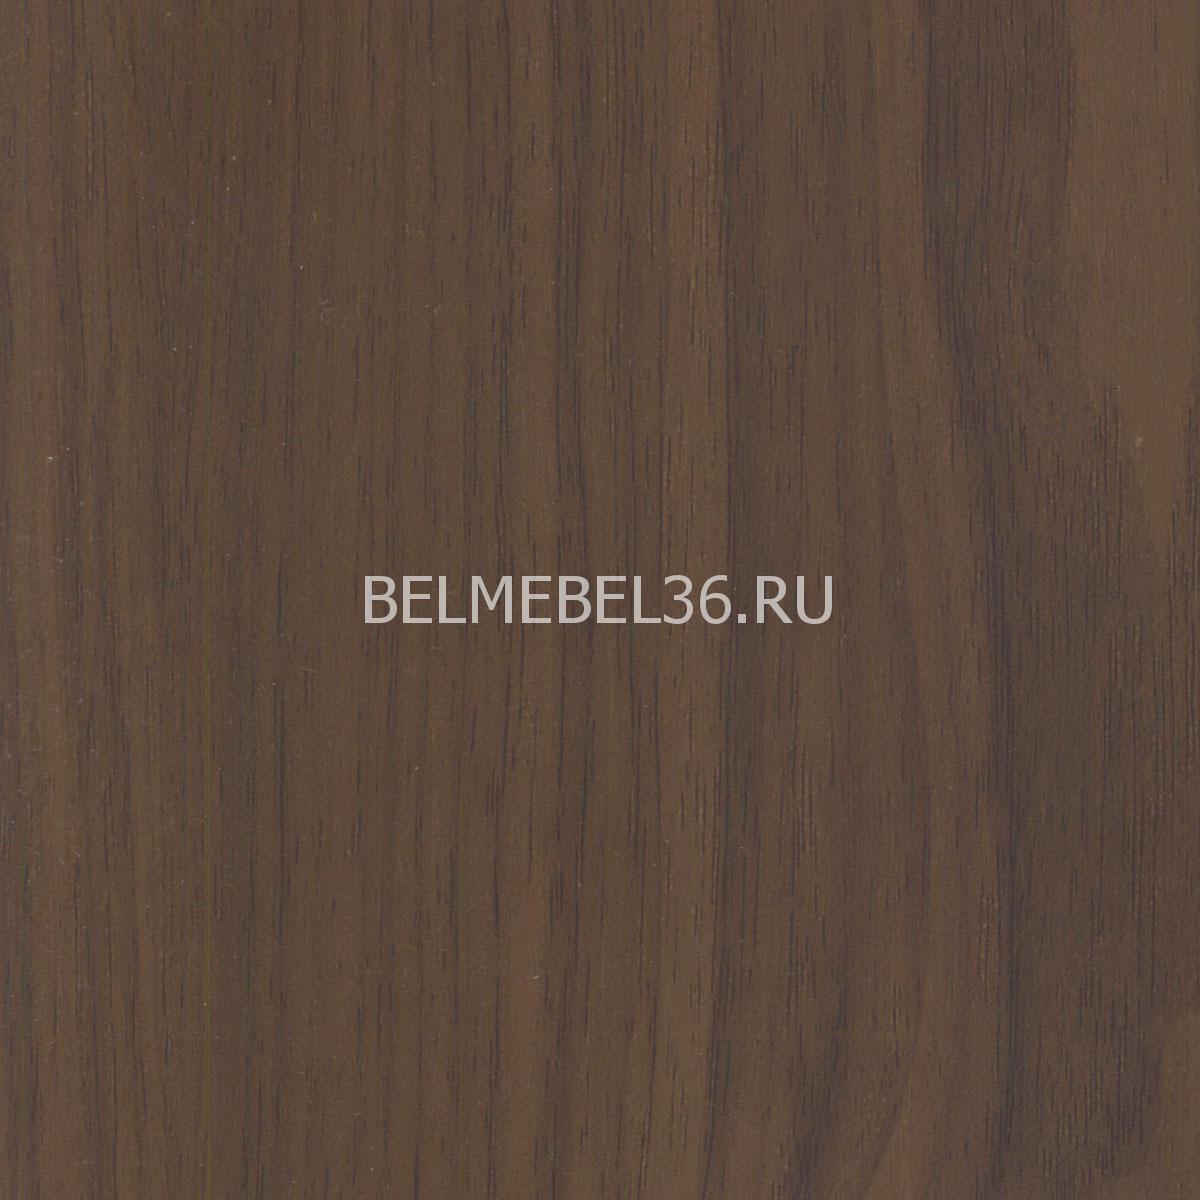 Кресло-кровать «Орегон (1М)» | Белорусская мебель в Воронеже